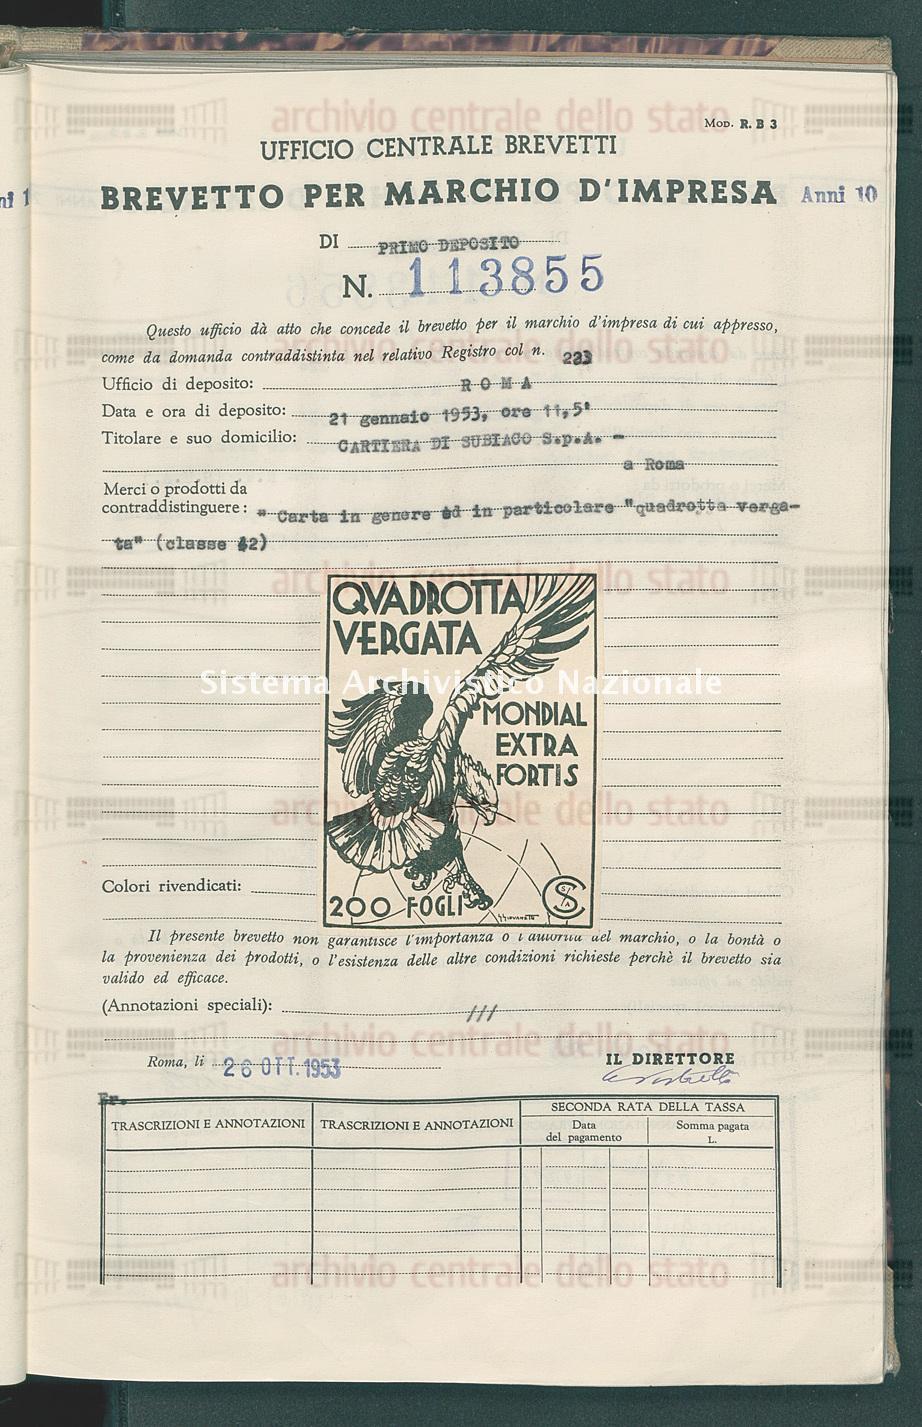 'Carta in genere ed in particolare 'quadrotta vergata' Cartiera Di Subiaco S.P.A. (26/10/1953)